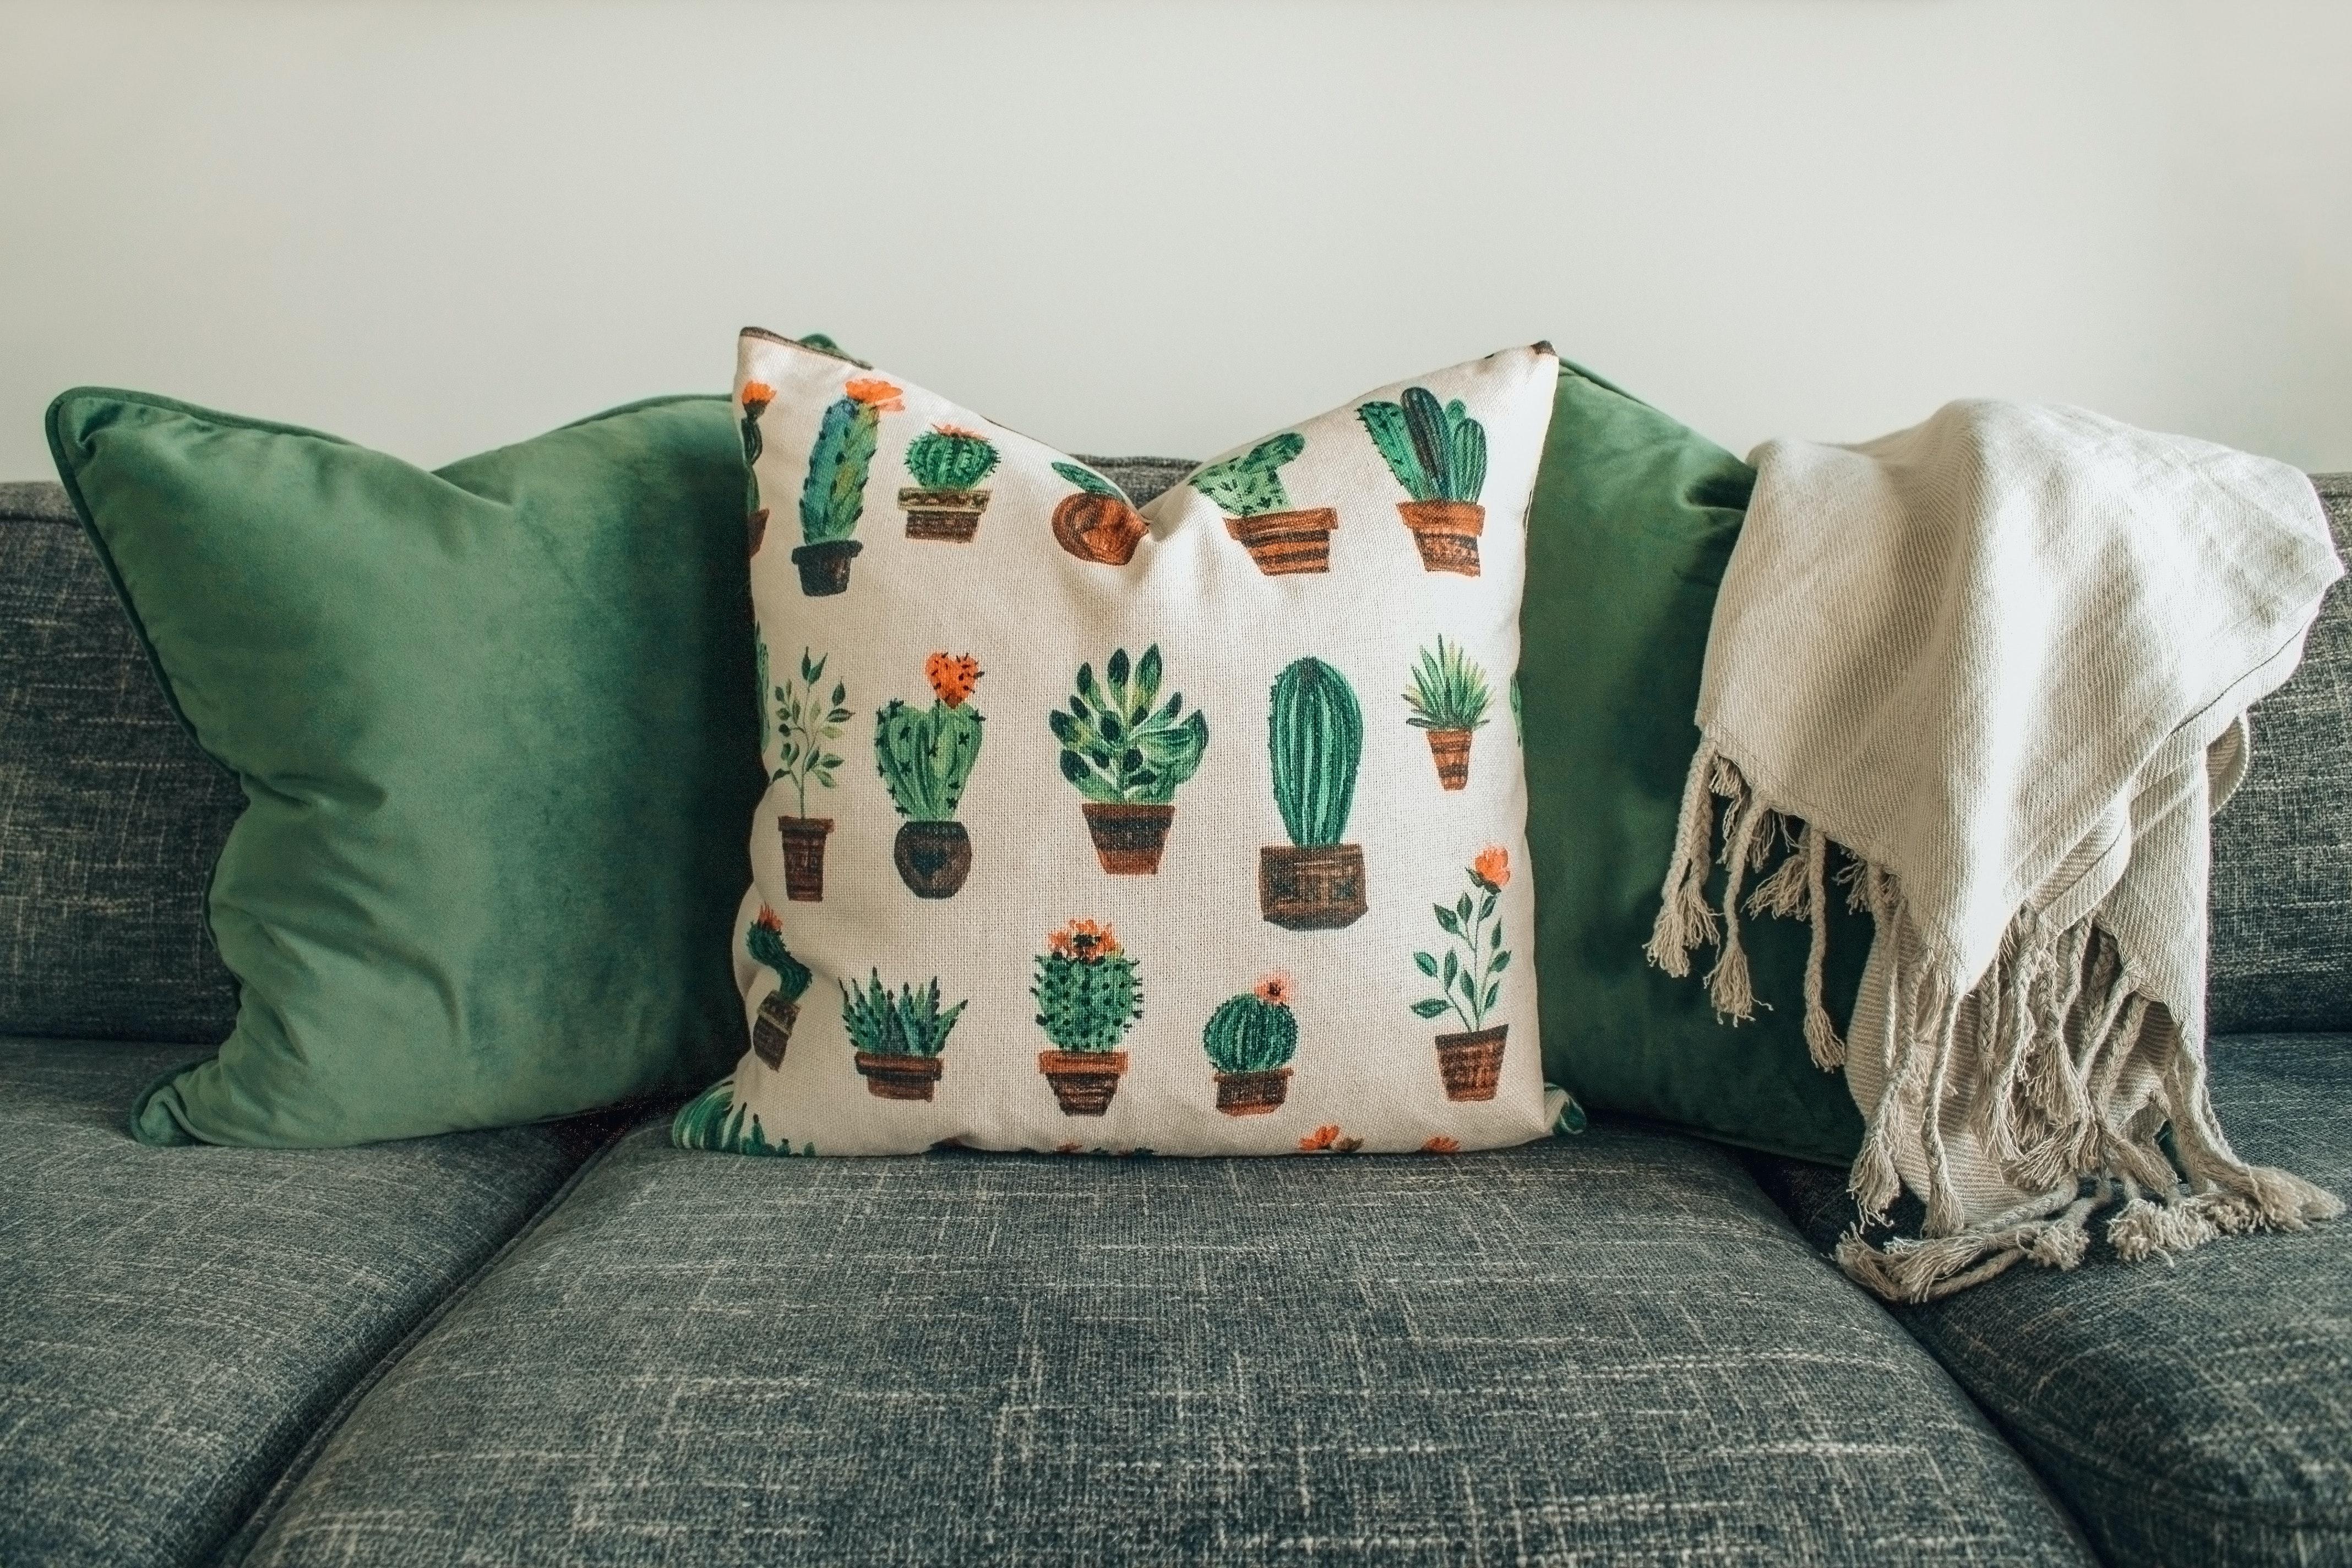 Quali sono i complementi d'arredo indispensabili in casa?